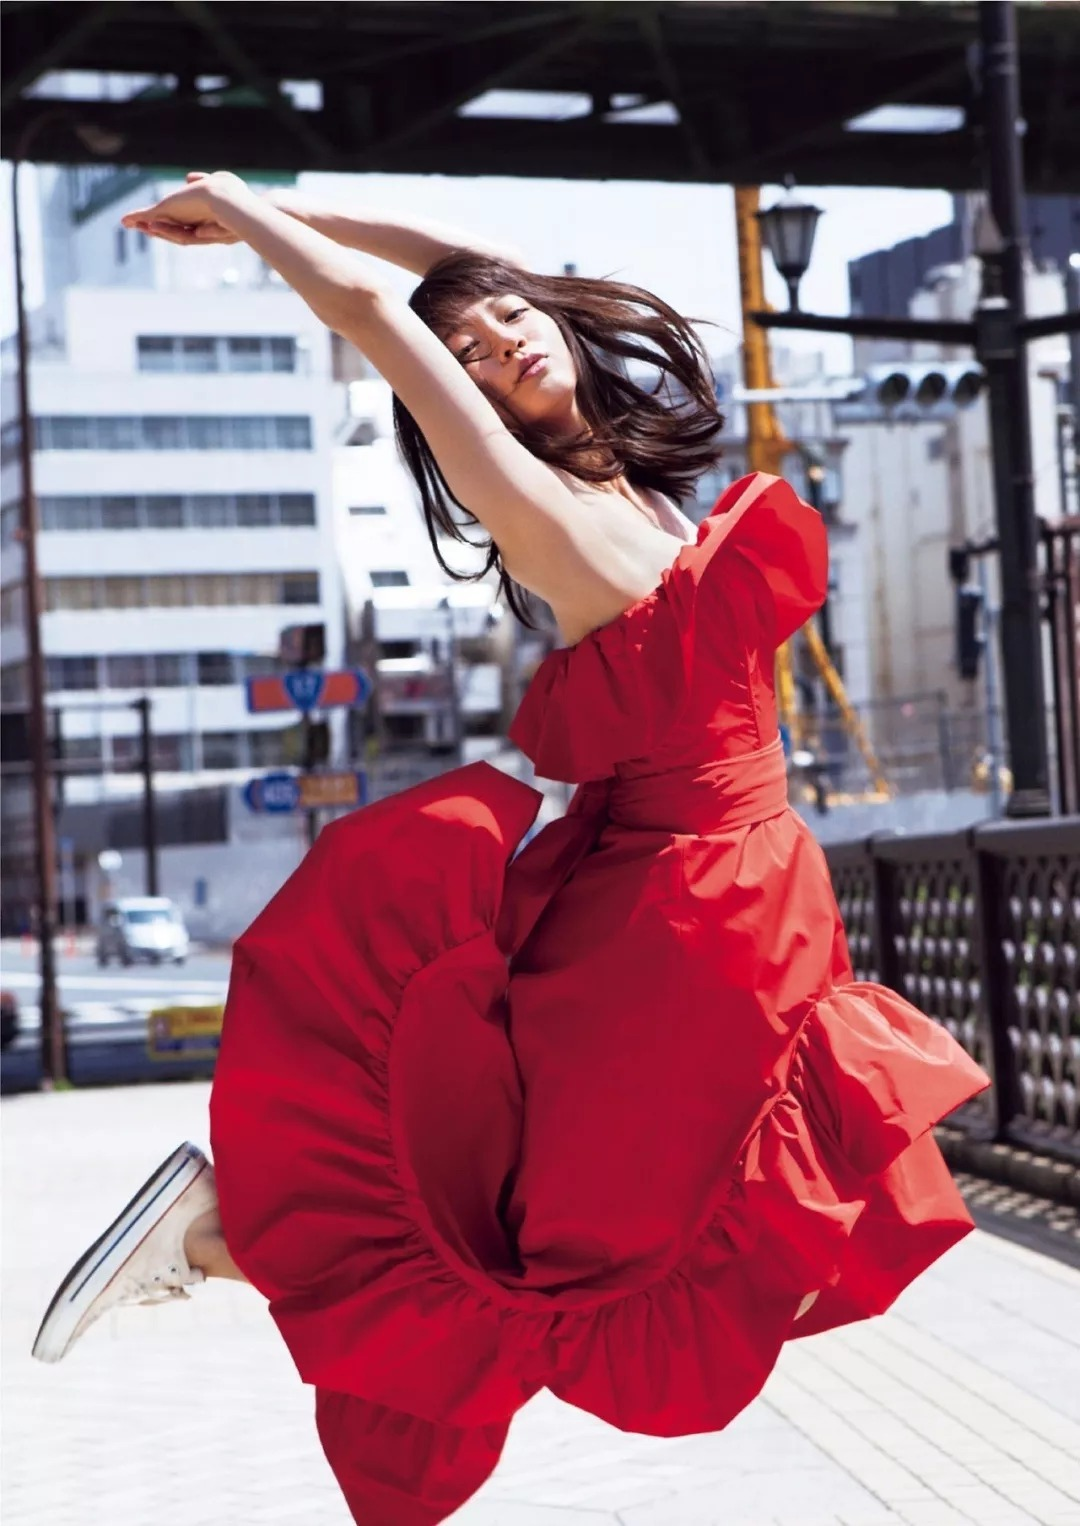 治愈系魔性之女吉冈里帆写真作品 (210)